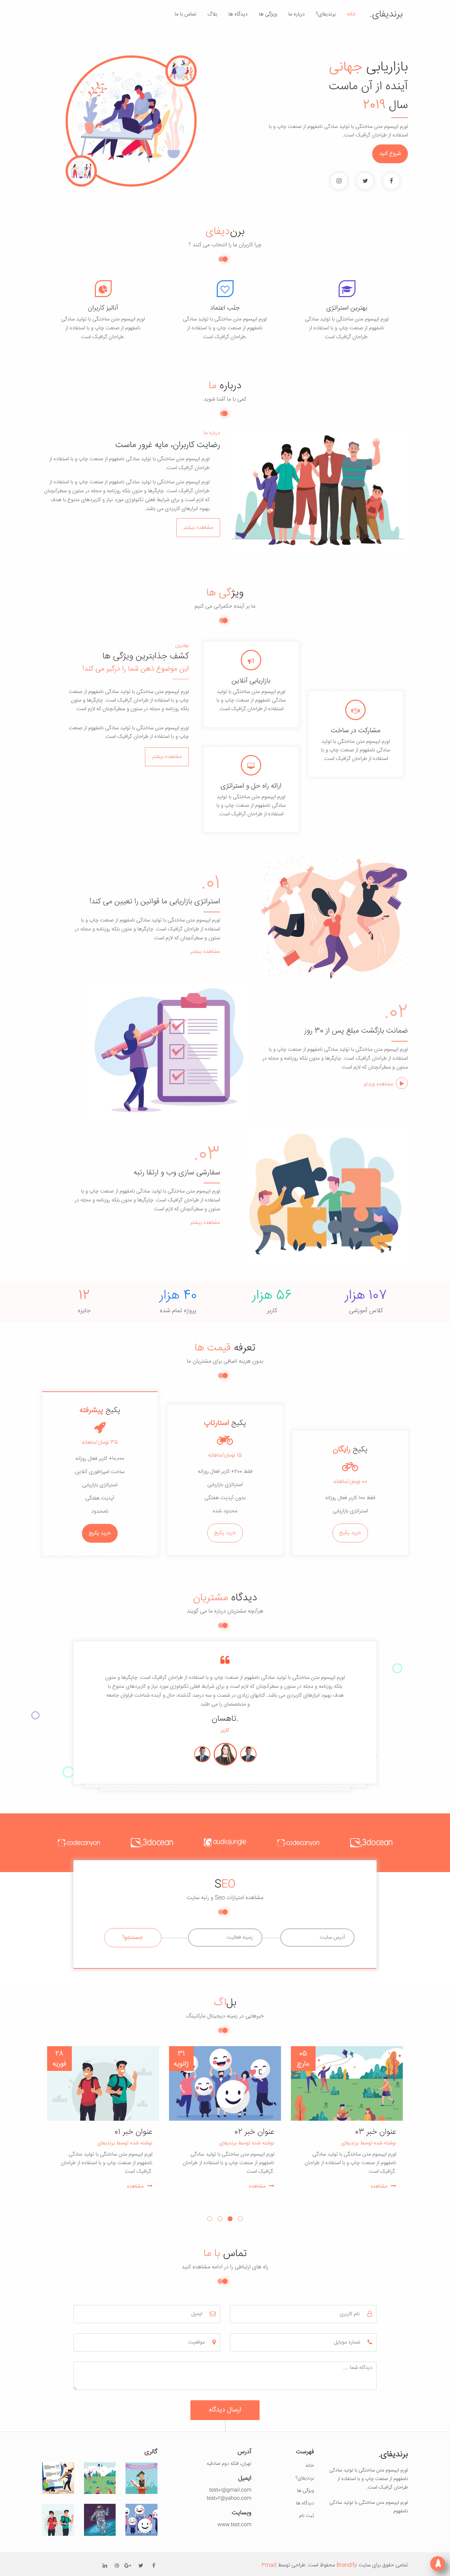 قالب Brandify پوسته HTML تک صفحه ای سایت تبلیغاتی | دیجیتال مارکتینگ